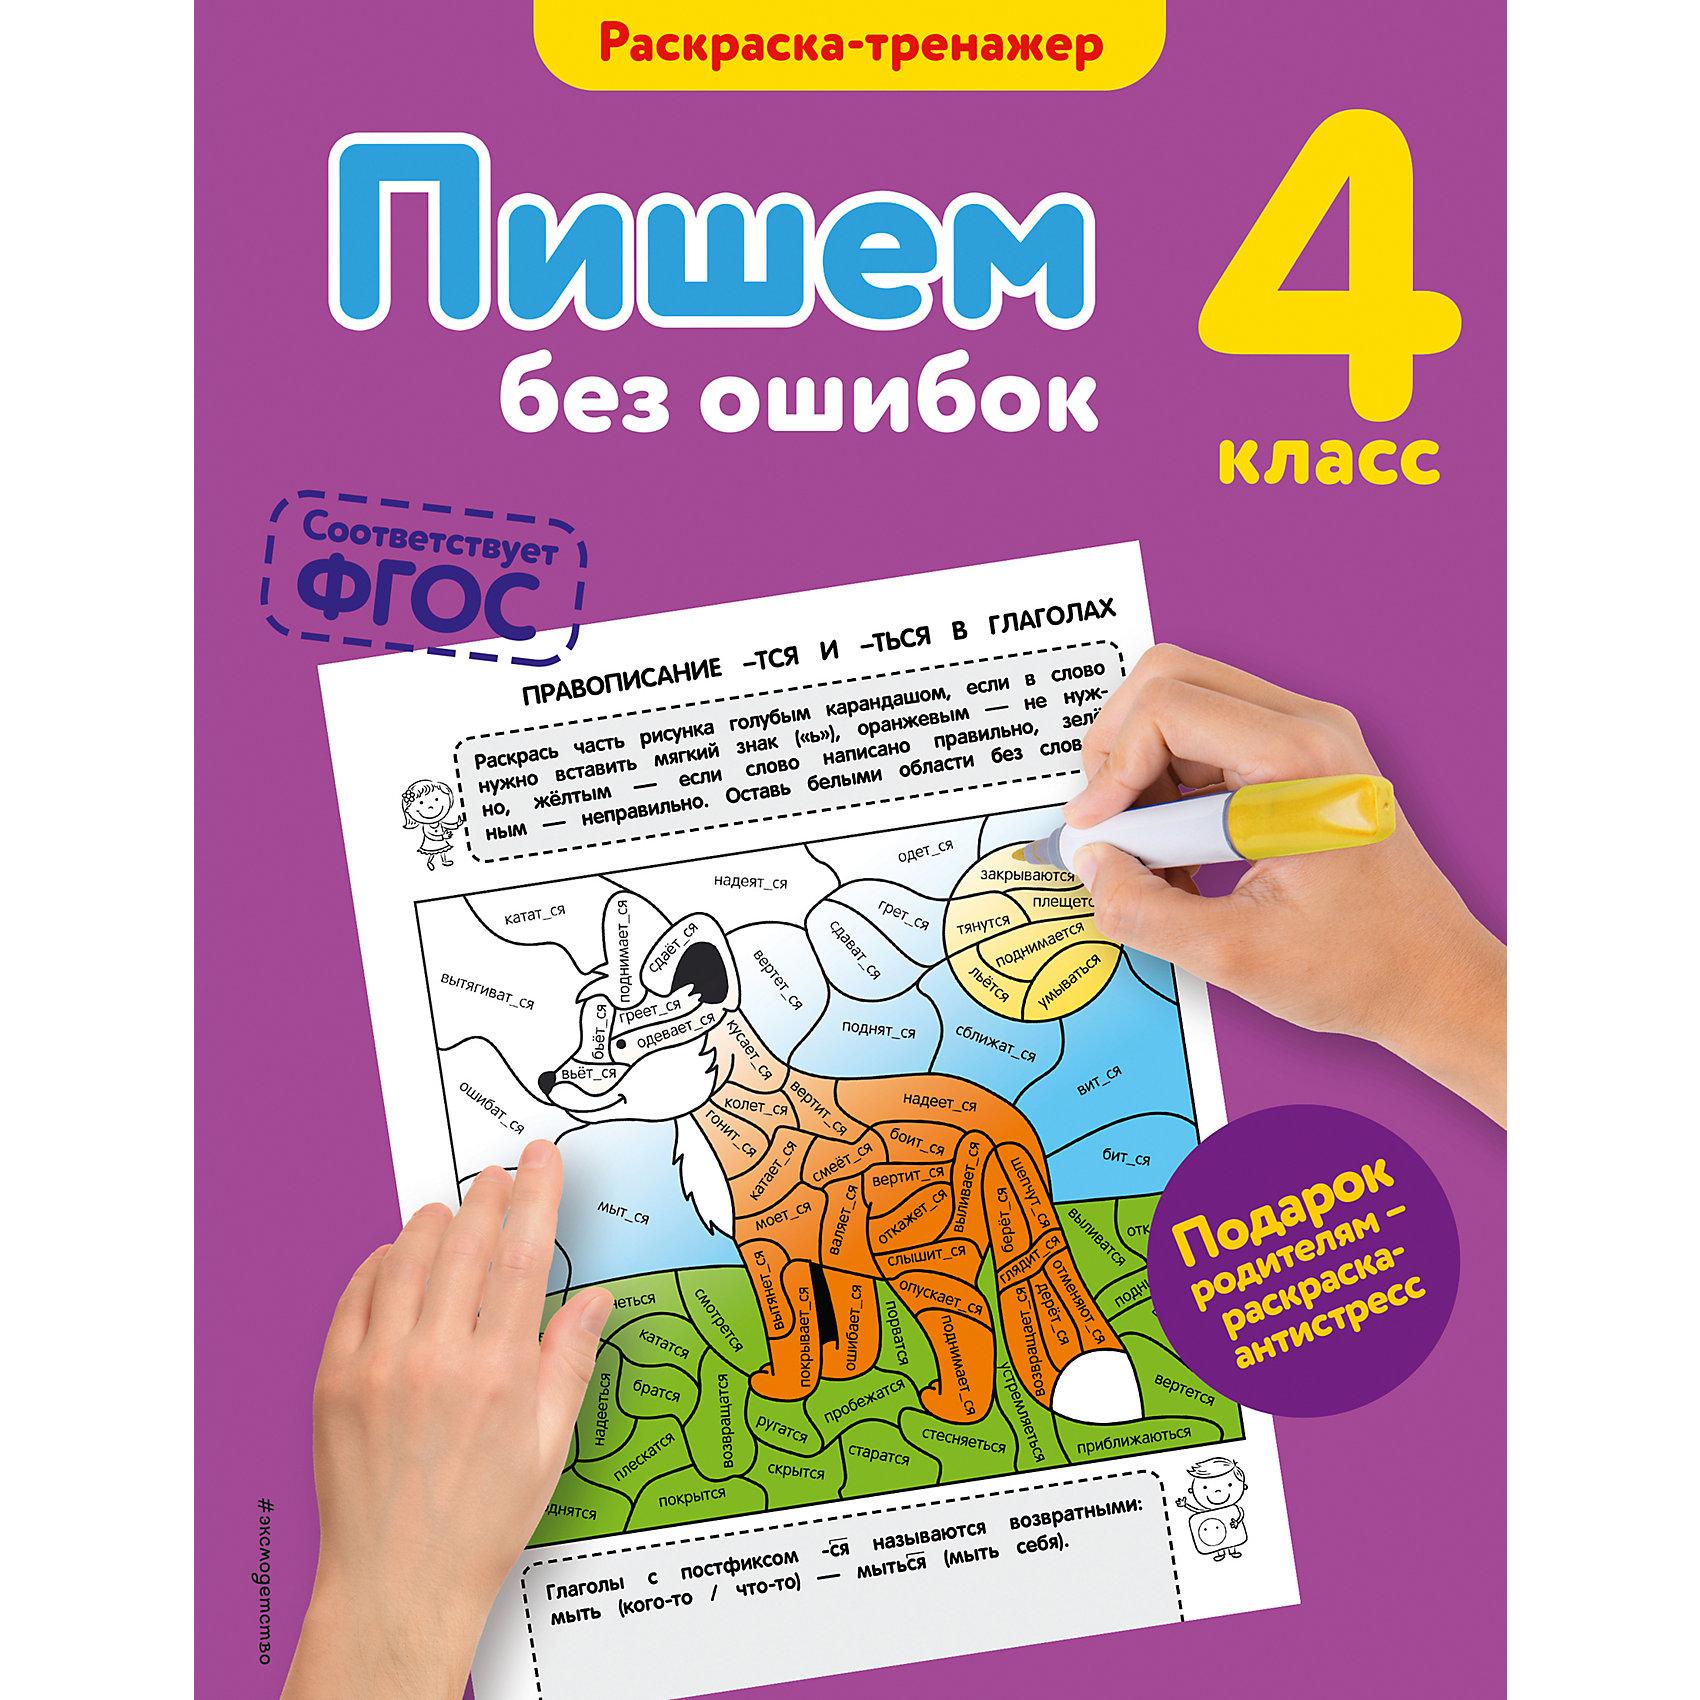 Пишем без ошибок, 4-й классПособие представляет собой раскраску-тренажёр, которая поможет ученику 4-го класса закрепить навыки грамотного письма, а также развить мелкую моторику, логику и внимание.<br>     В книге 31 задание на буквы и раскрашивание, цветная вкладка с рисунками-ответами, раскраской-антистрессом для родителей и грамотой, которой школьник награждается за старание и любознательность. Нестандартная подача материала в пособии поможет увеличить эффективность занятий.<br><br>Ширина мм: 255<br>Глубина мм: 197<br>Высота мм: 2<br>Вес г: 116<br>Возраст от месяцев: 120<br>Возраст до месяцев: 132<br>Пол: Унисекс<br>Возраст: Детский<br>SKU: 5098435